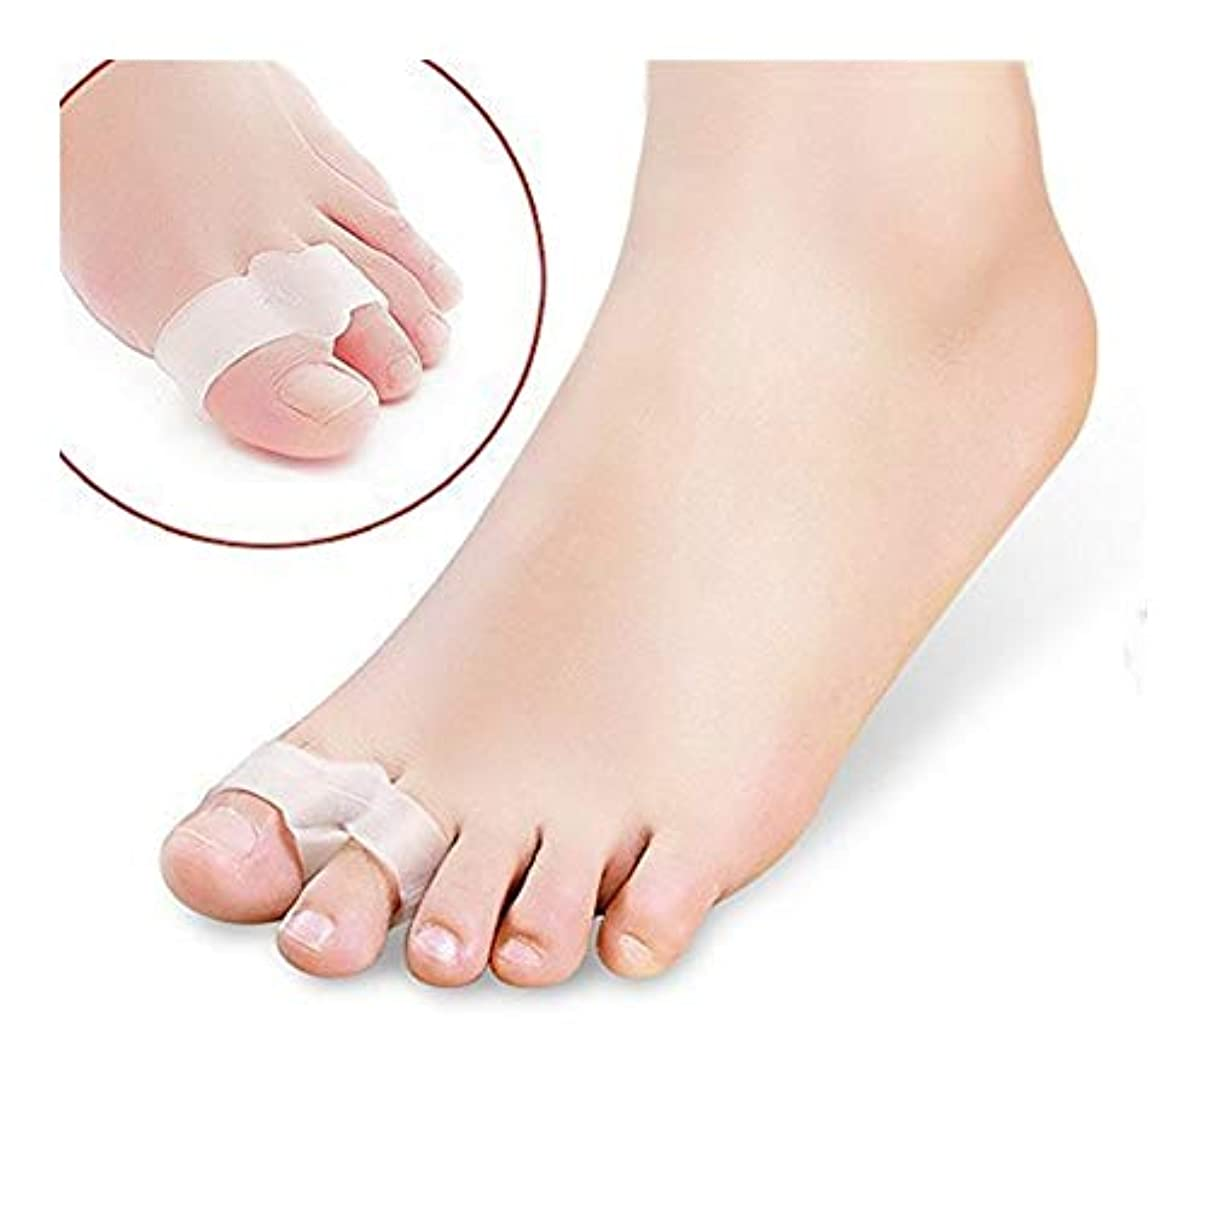 解放する答え流用する外反母趾サポーター 親指矯正グッズ 厚型ジェルパッド 足指を広げる 痛み改善 快適歩行 靴下履ける 高品質シリコン制 伸縮性 通気性 男女兼用 [1組] おしゃれ 人気